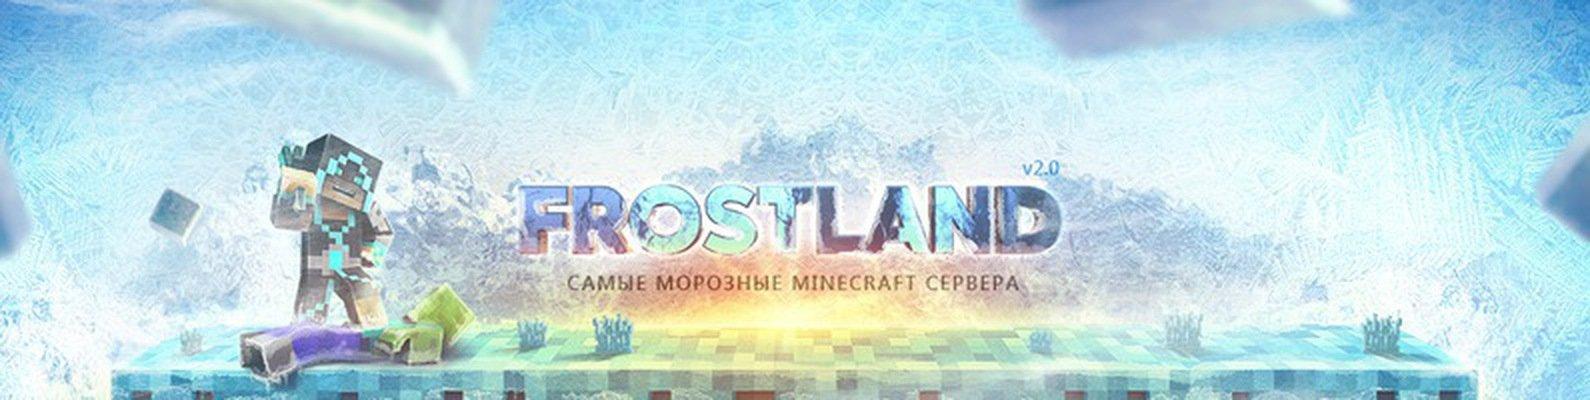 Скачать бесплатно лаунчер frostland.